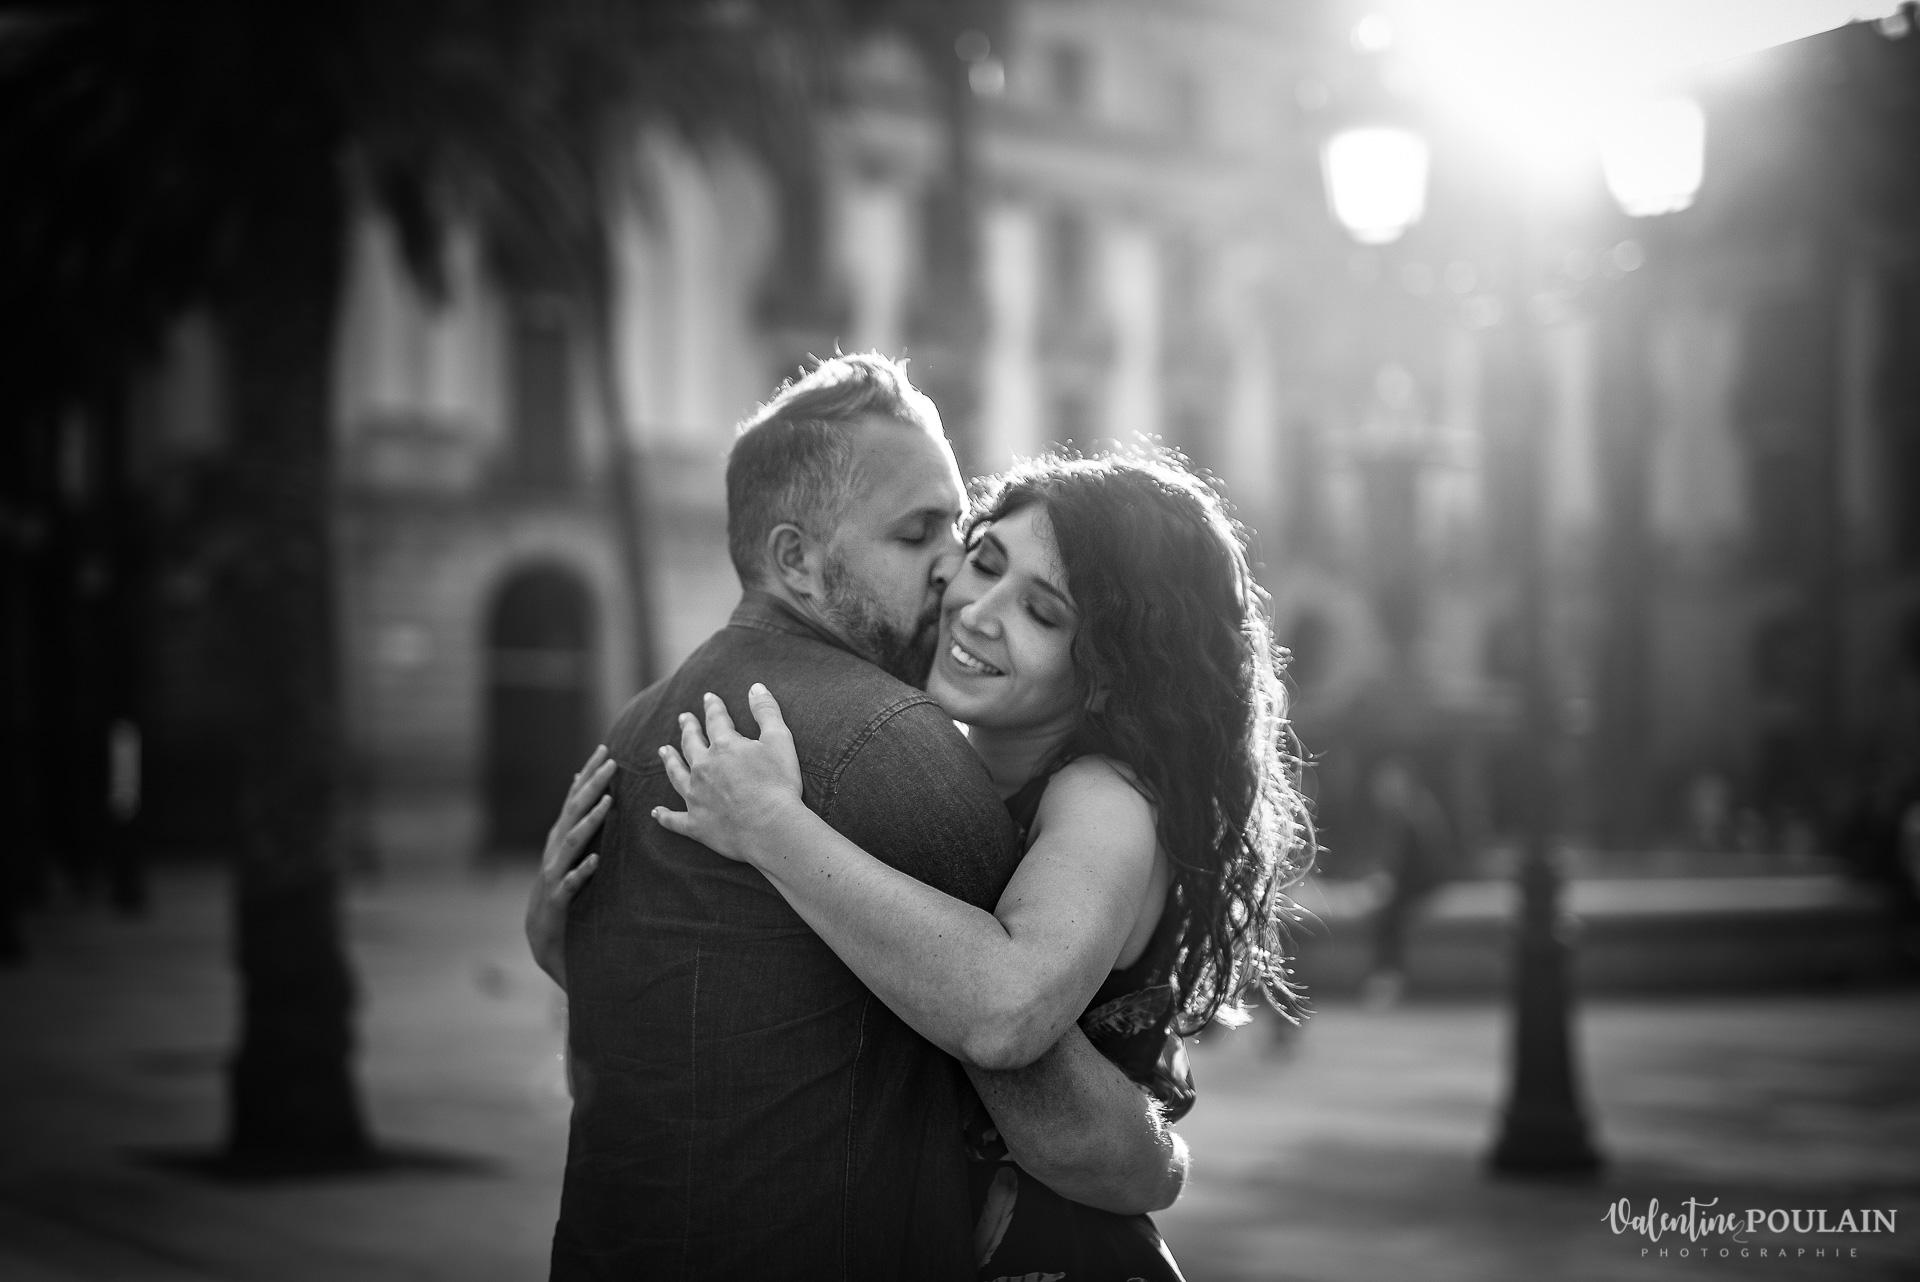 Séance photo couple Barcelone - Valentine Poulain n & b